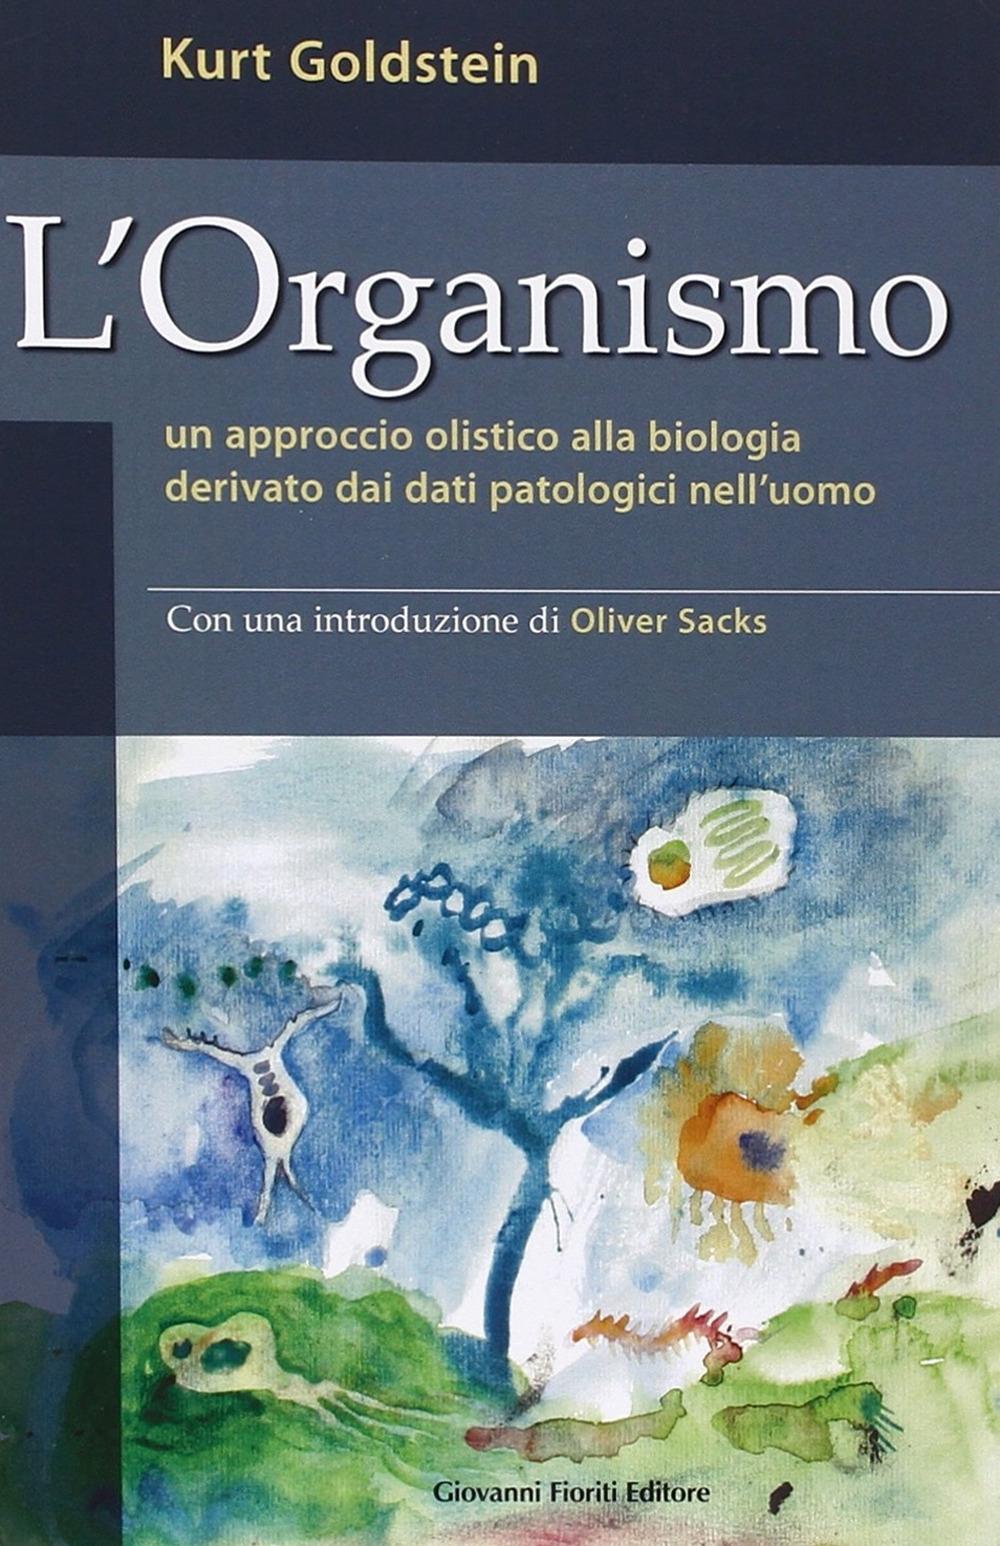 L'organismo. Un approccio olistico alla biologia derivato dai dati patologici nell'uomo.